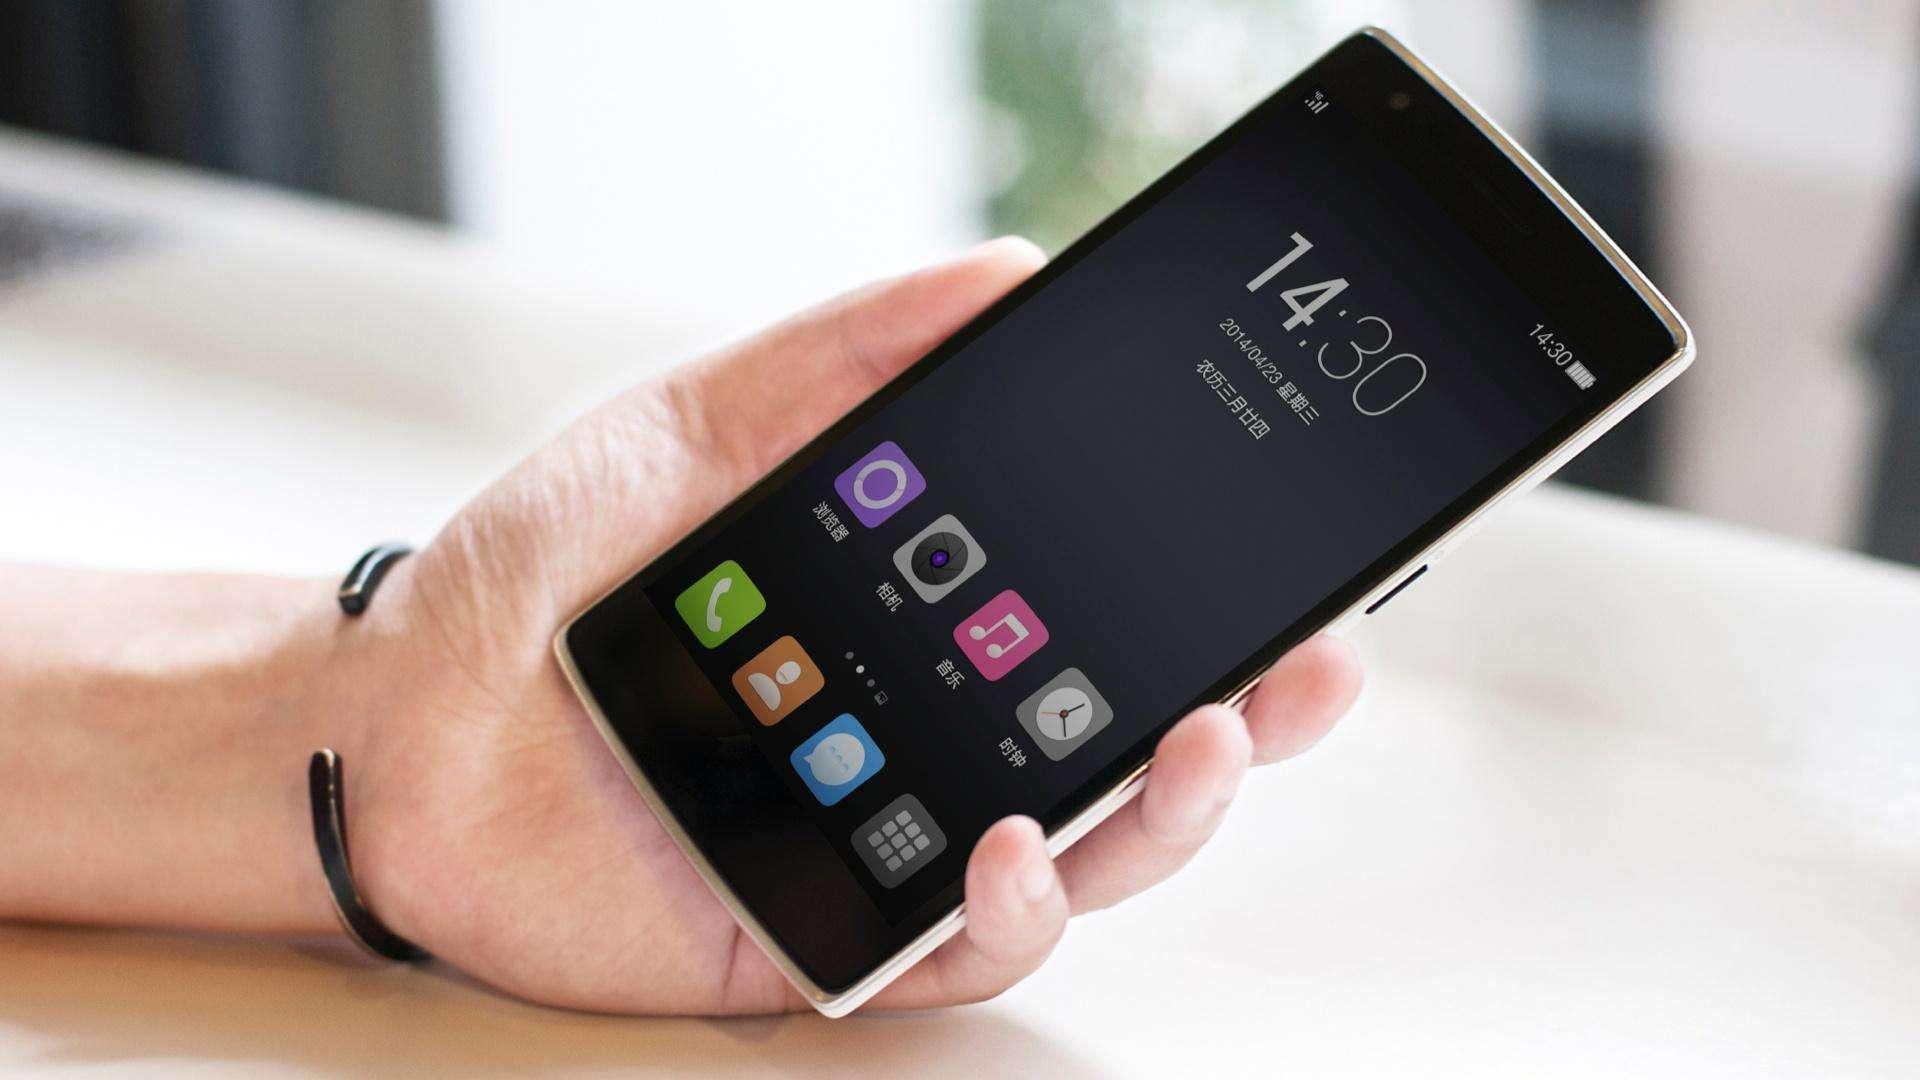 流畅运行还不够,6G和8G有多大区别,值得为2G内存多花几百块吗?